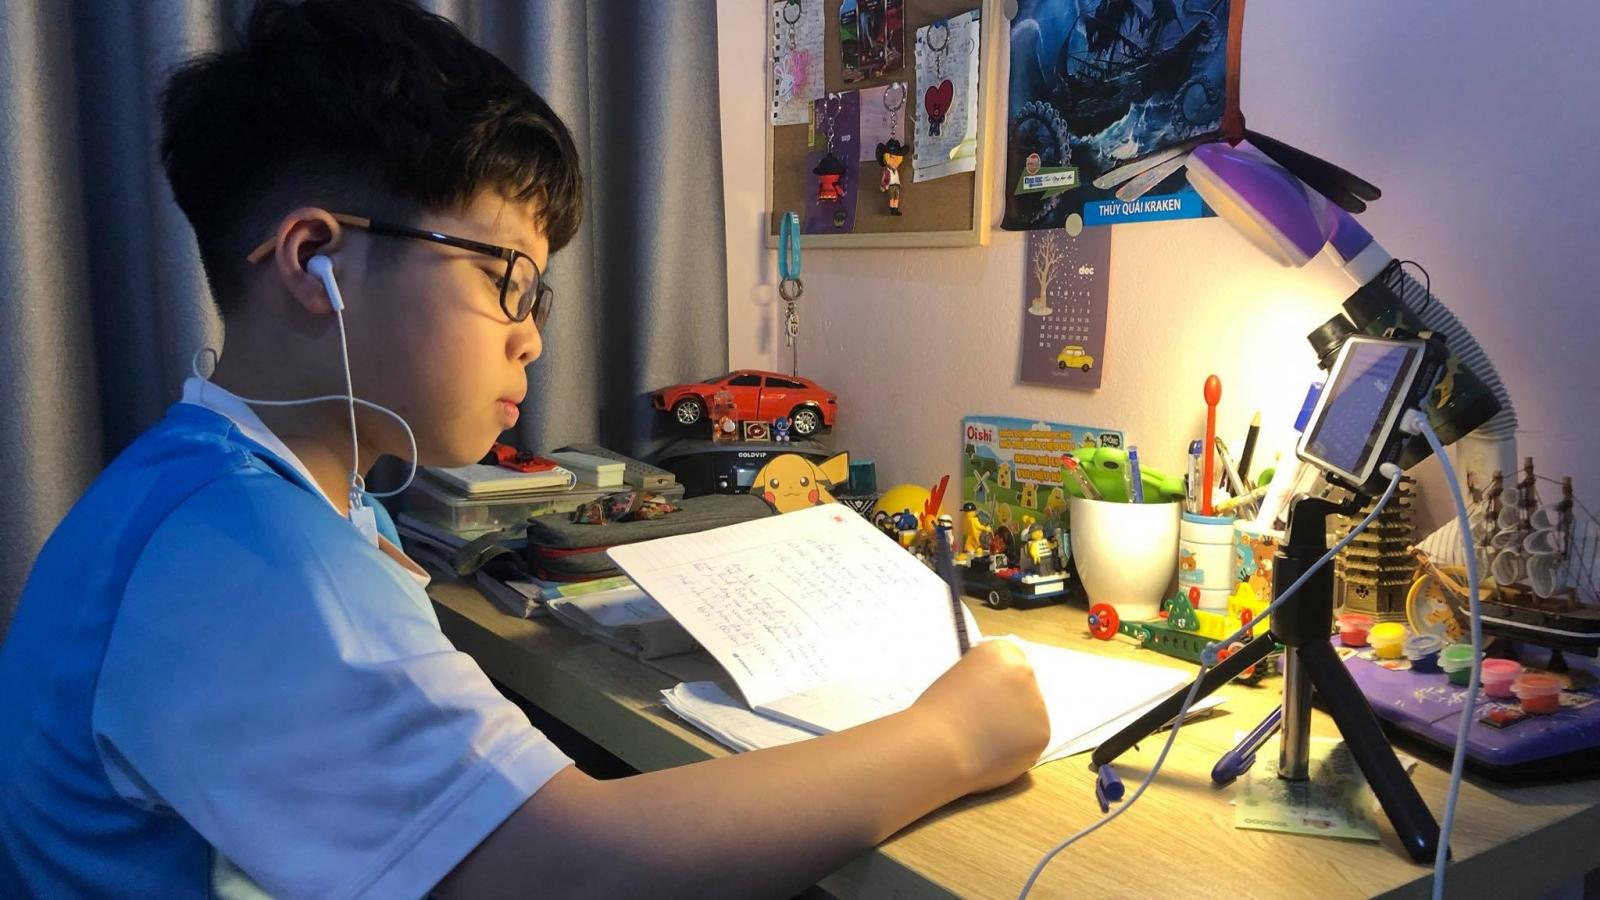 Bộ trưởng Phùng Xuân Nhạ: Cần kịch bản dạy học và thi trong mùa dịch